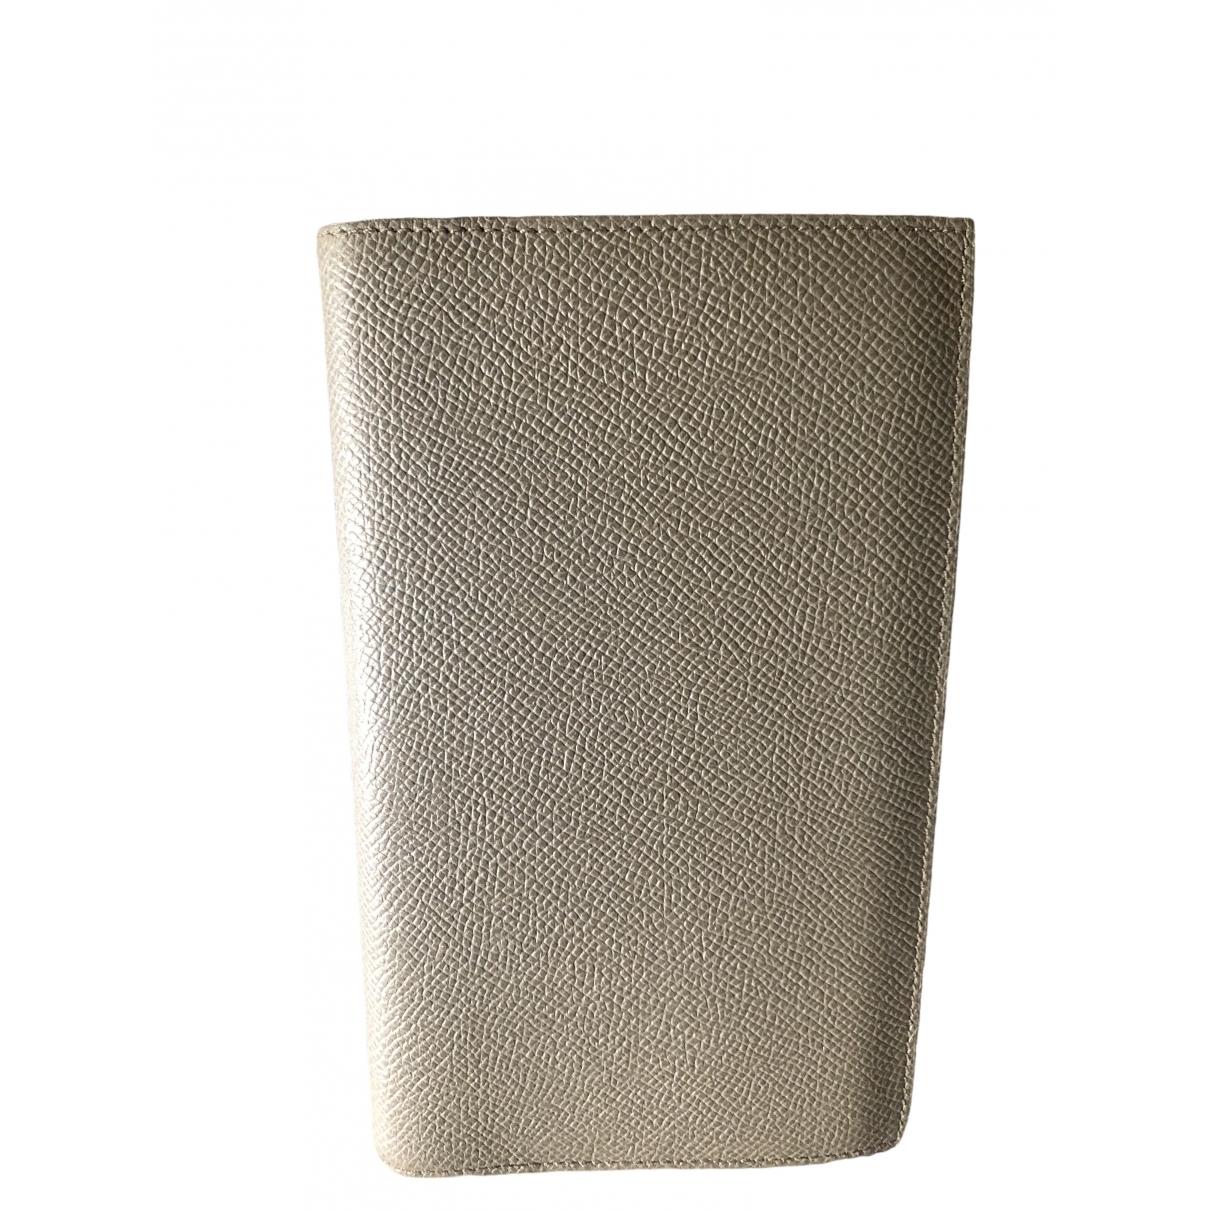 Hermes - Objets & Deco   pour lifestyle en cuir